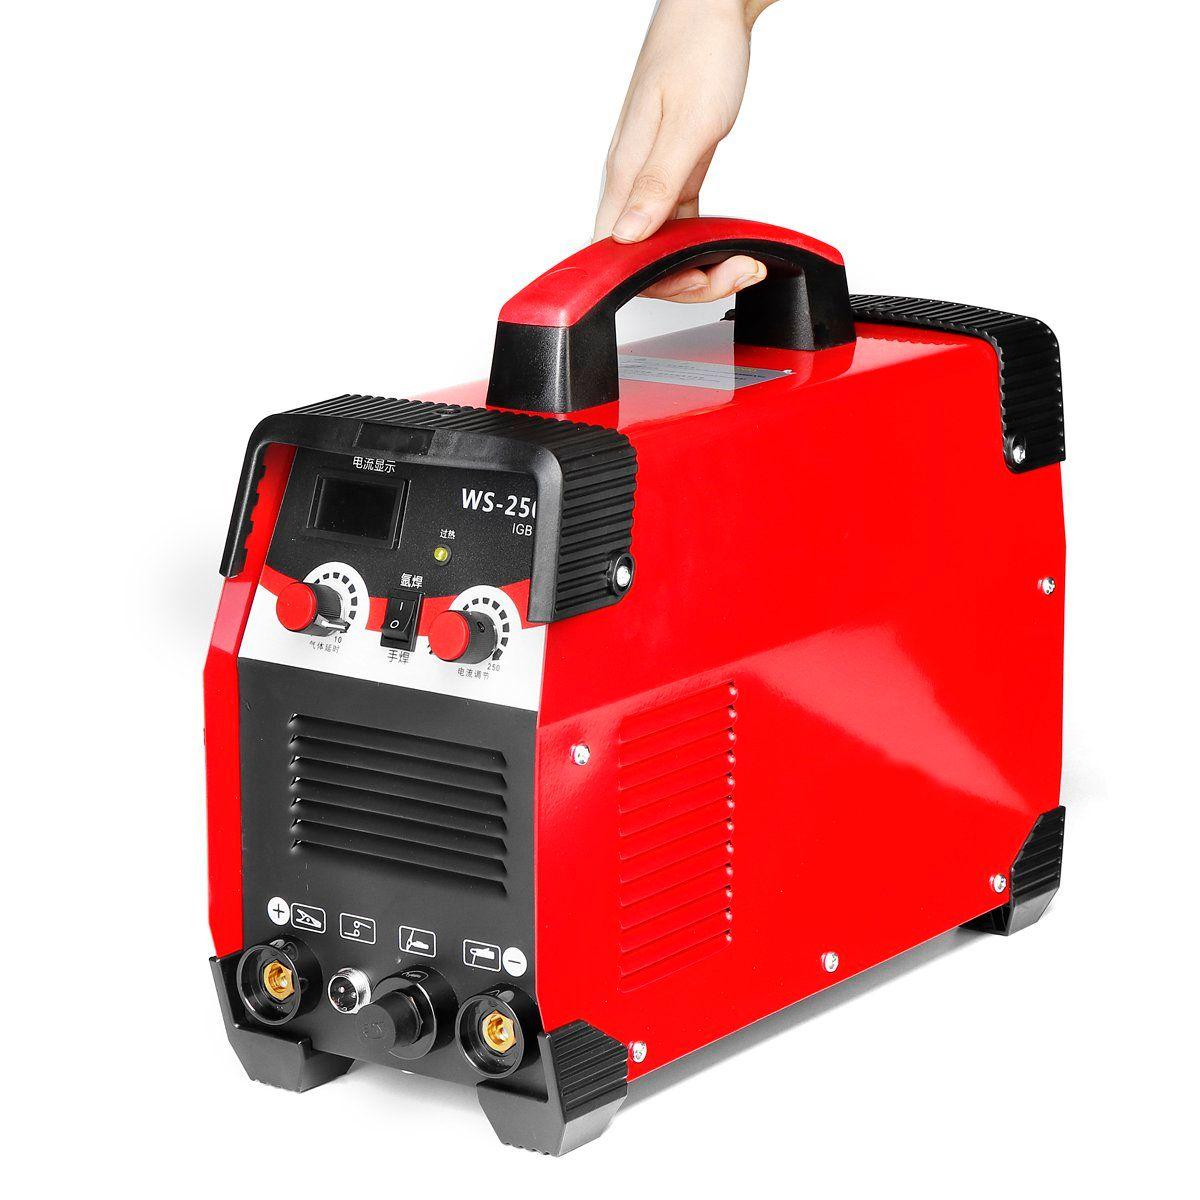 2IN1 220 V 7700 W TIG/ARC Elektrische Schweißen Maschine 20-250A MMA IGBT STICK Inverter Für Schweißen Arbeits und elektrische Arbeits